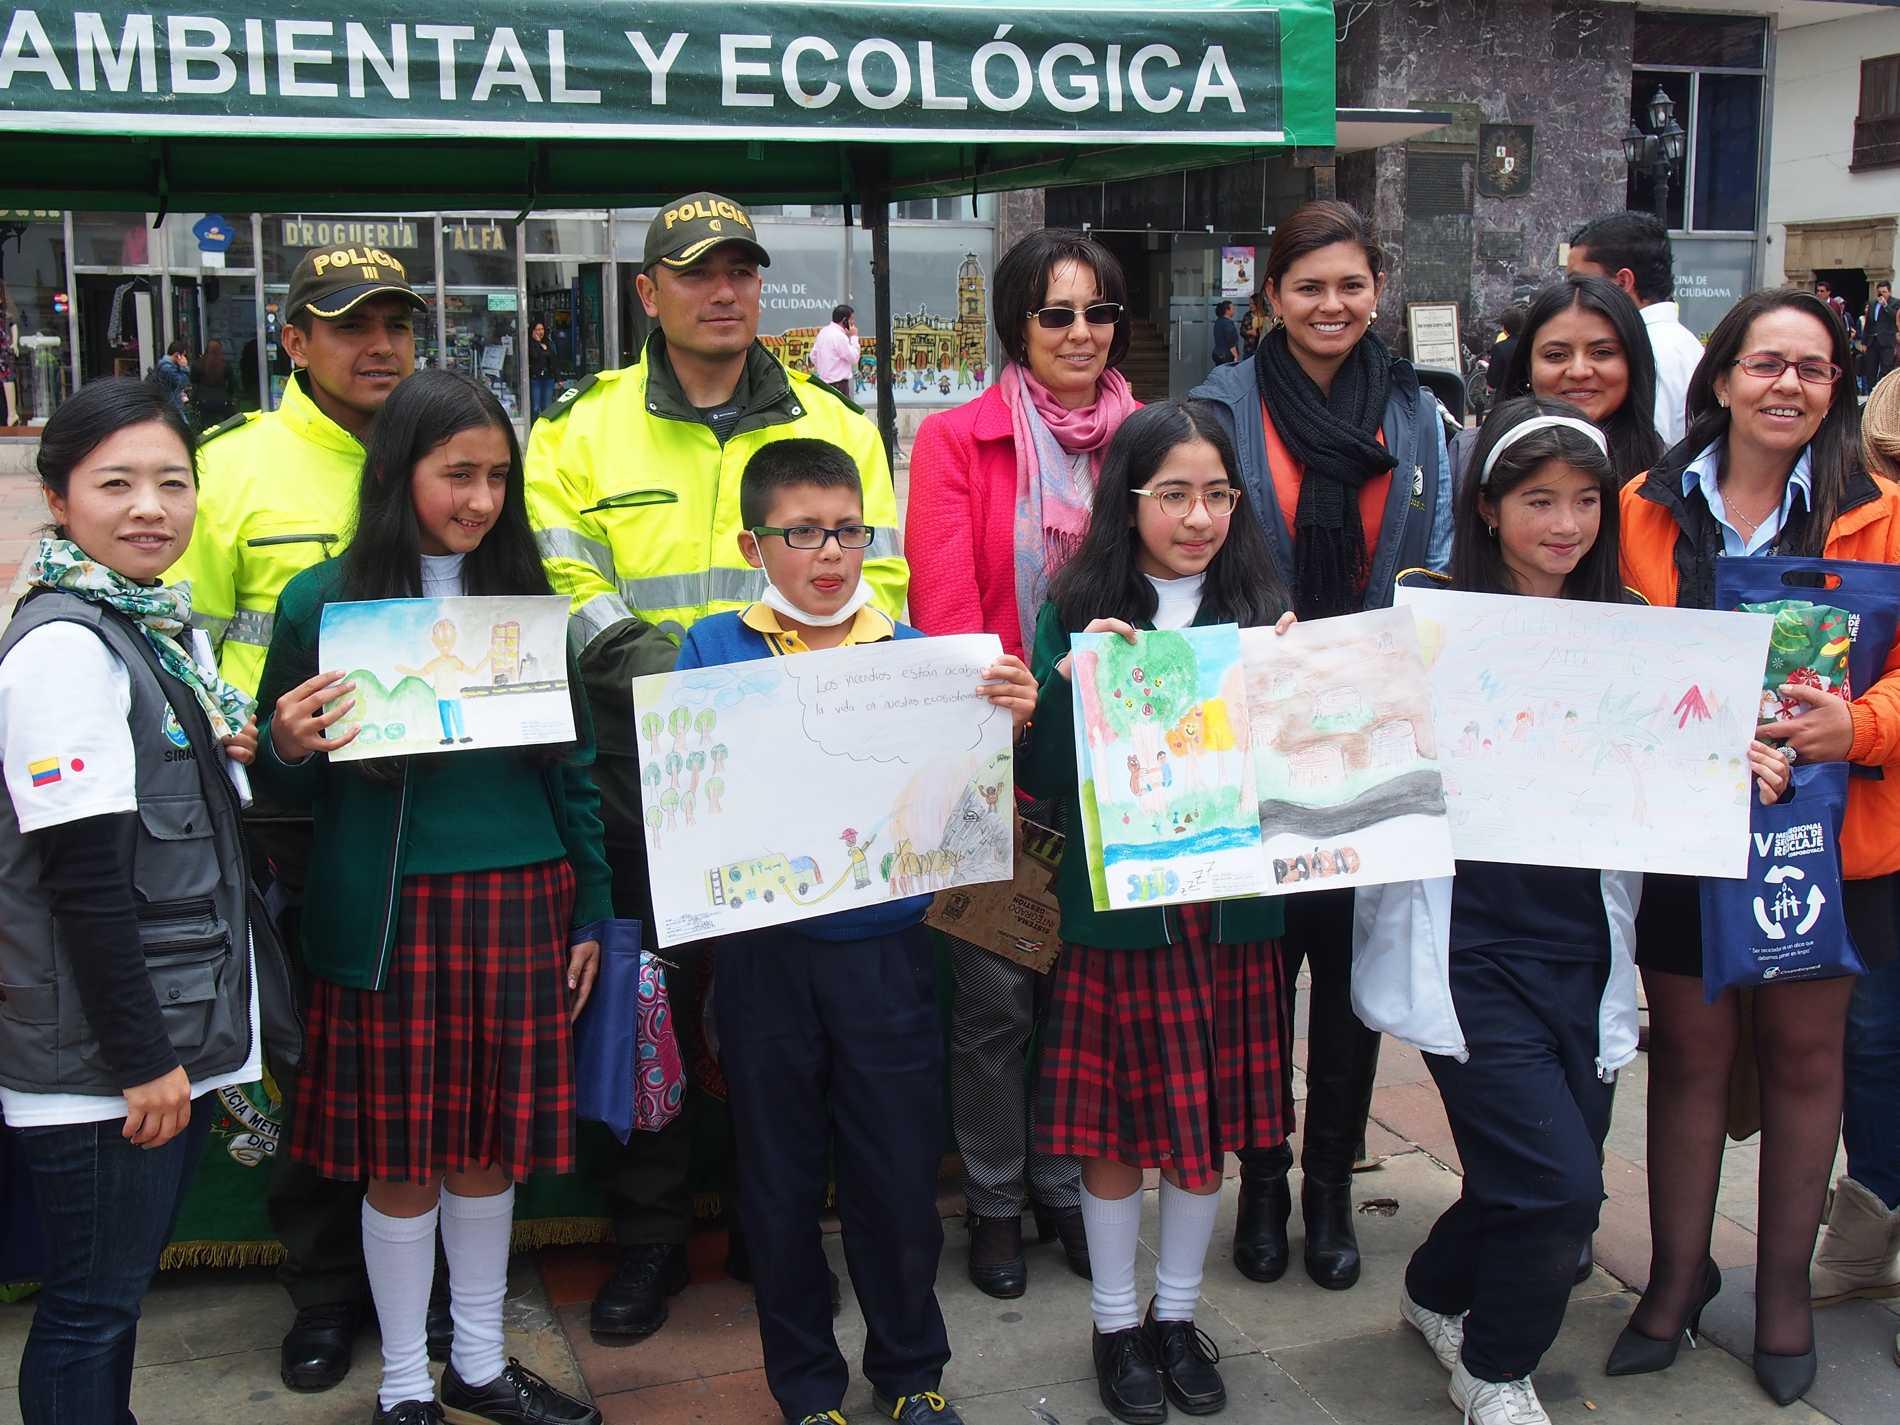 Concurso de dibujo infantil ambiental